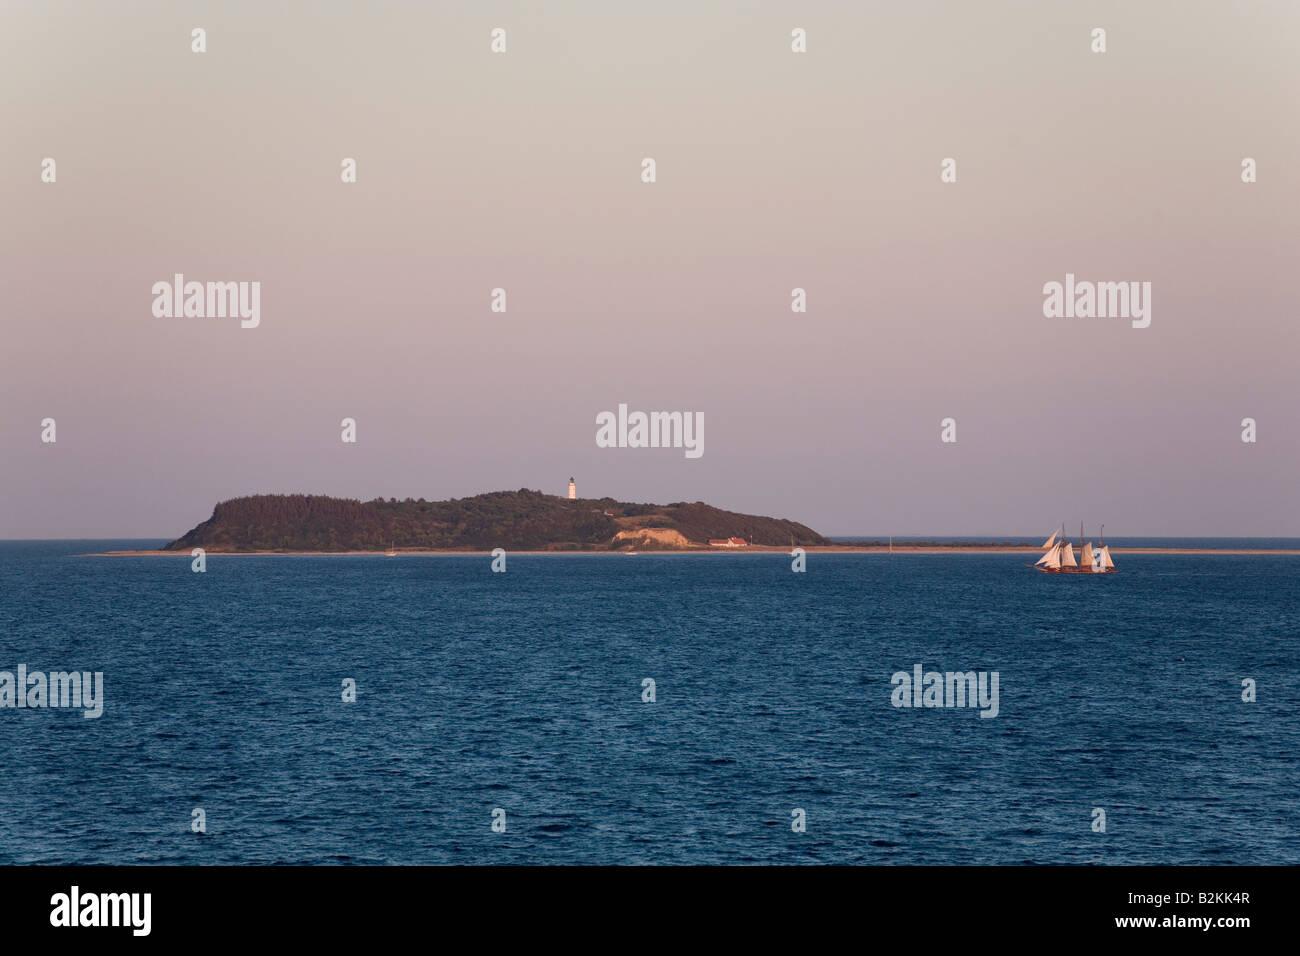 Wooden boat passing Hjelm Island in Kattegat, Denmark - Stock Image